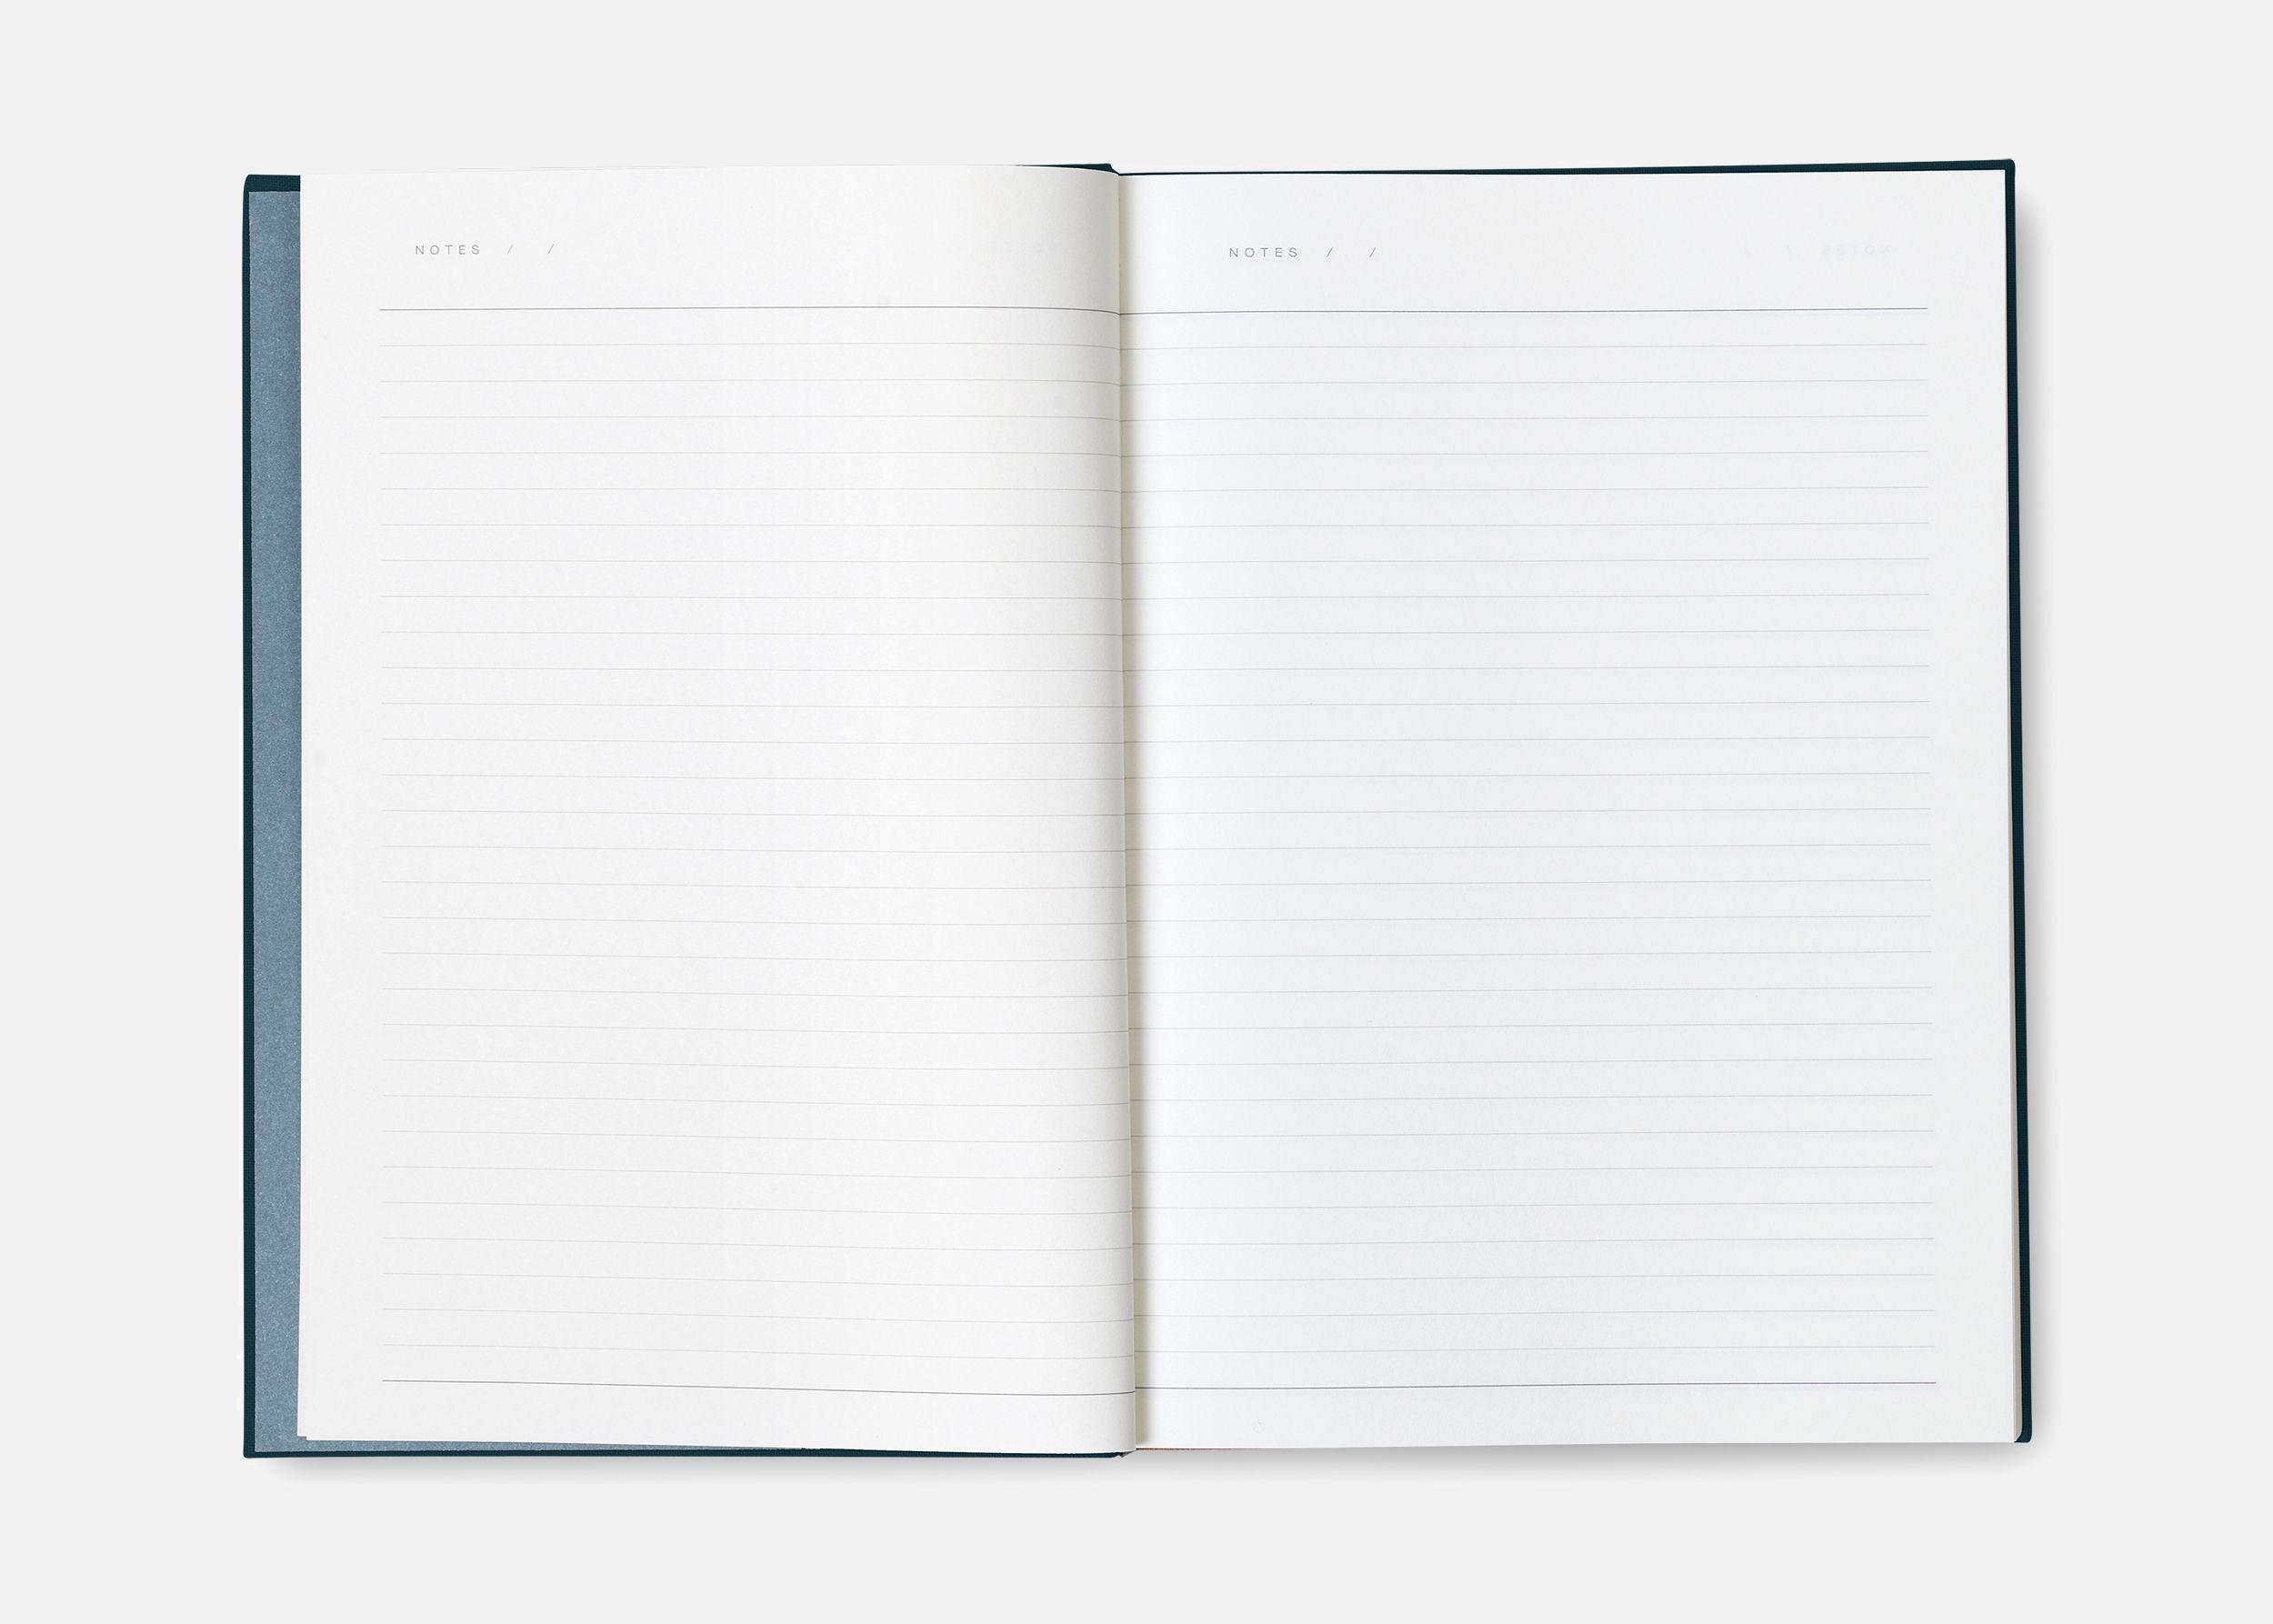 bea notebook dark blue interior